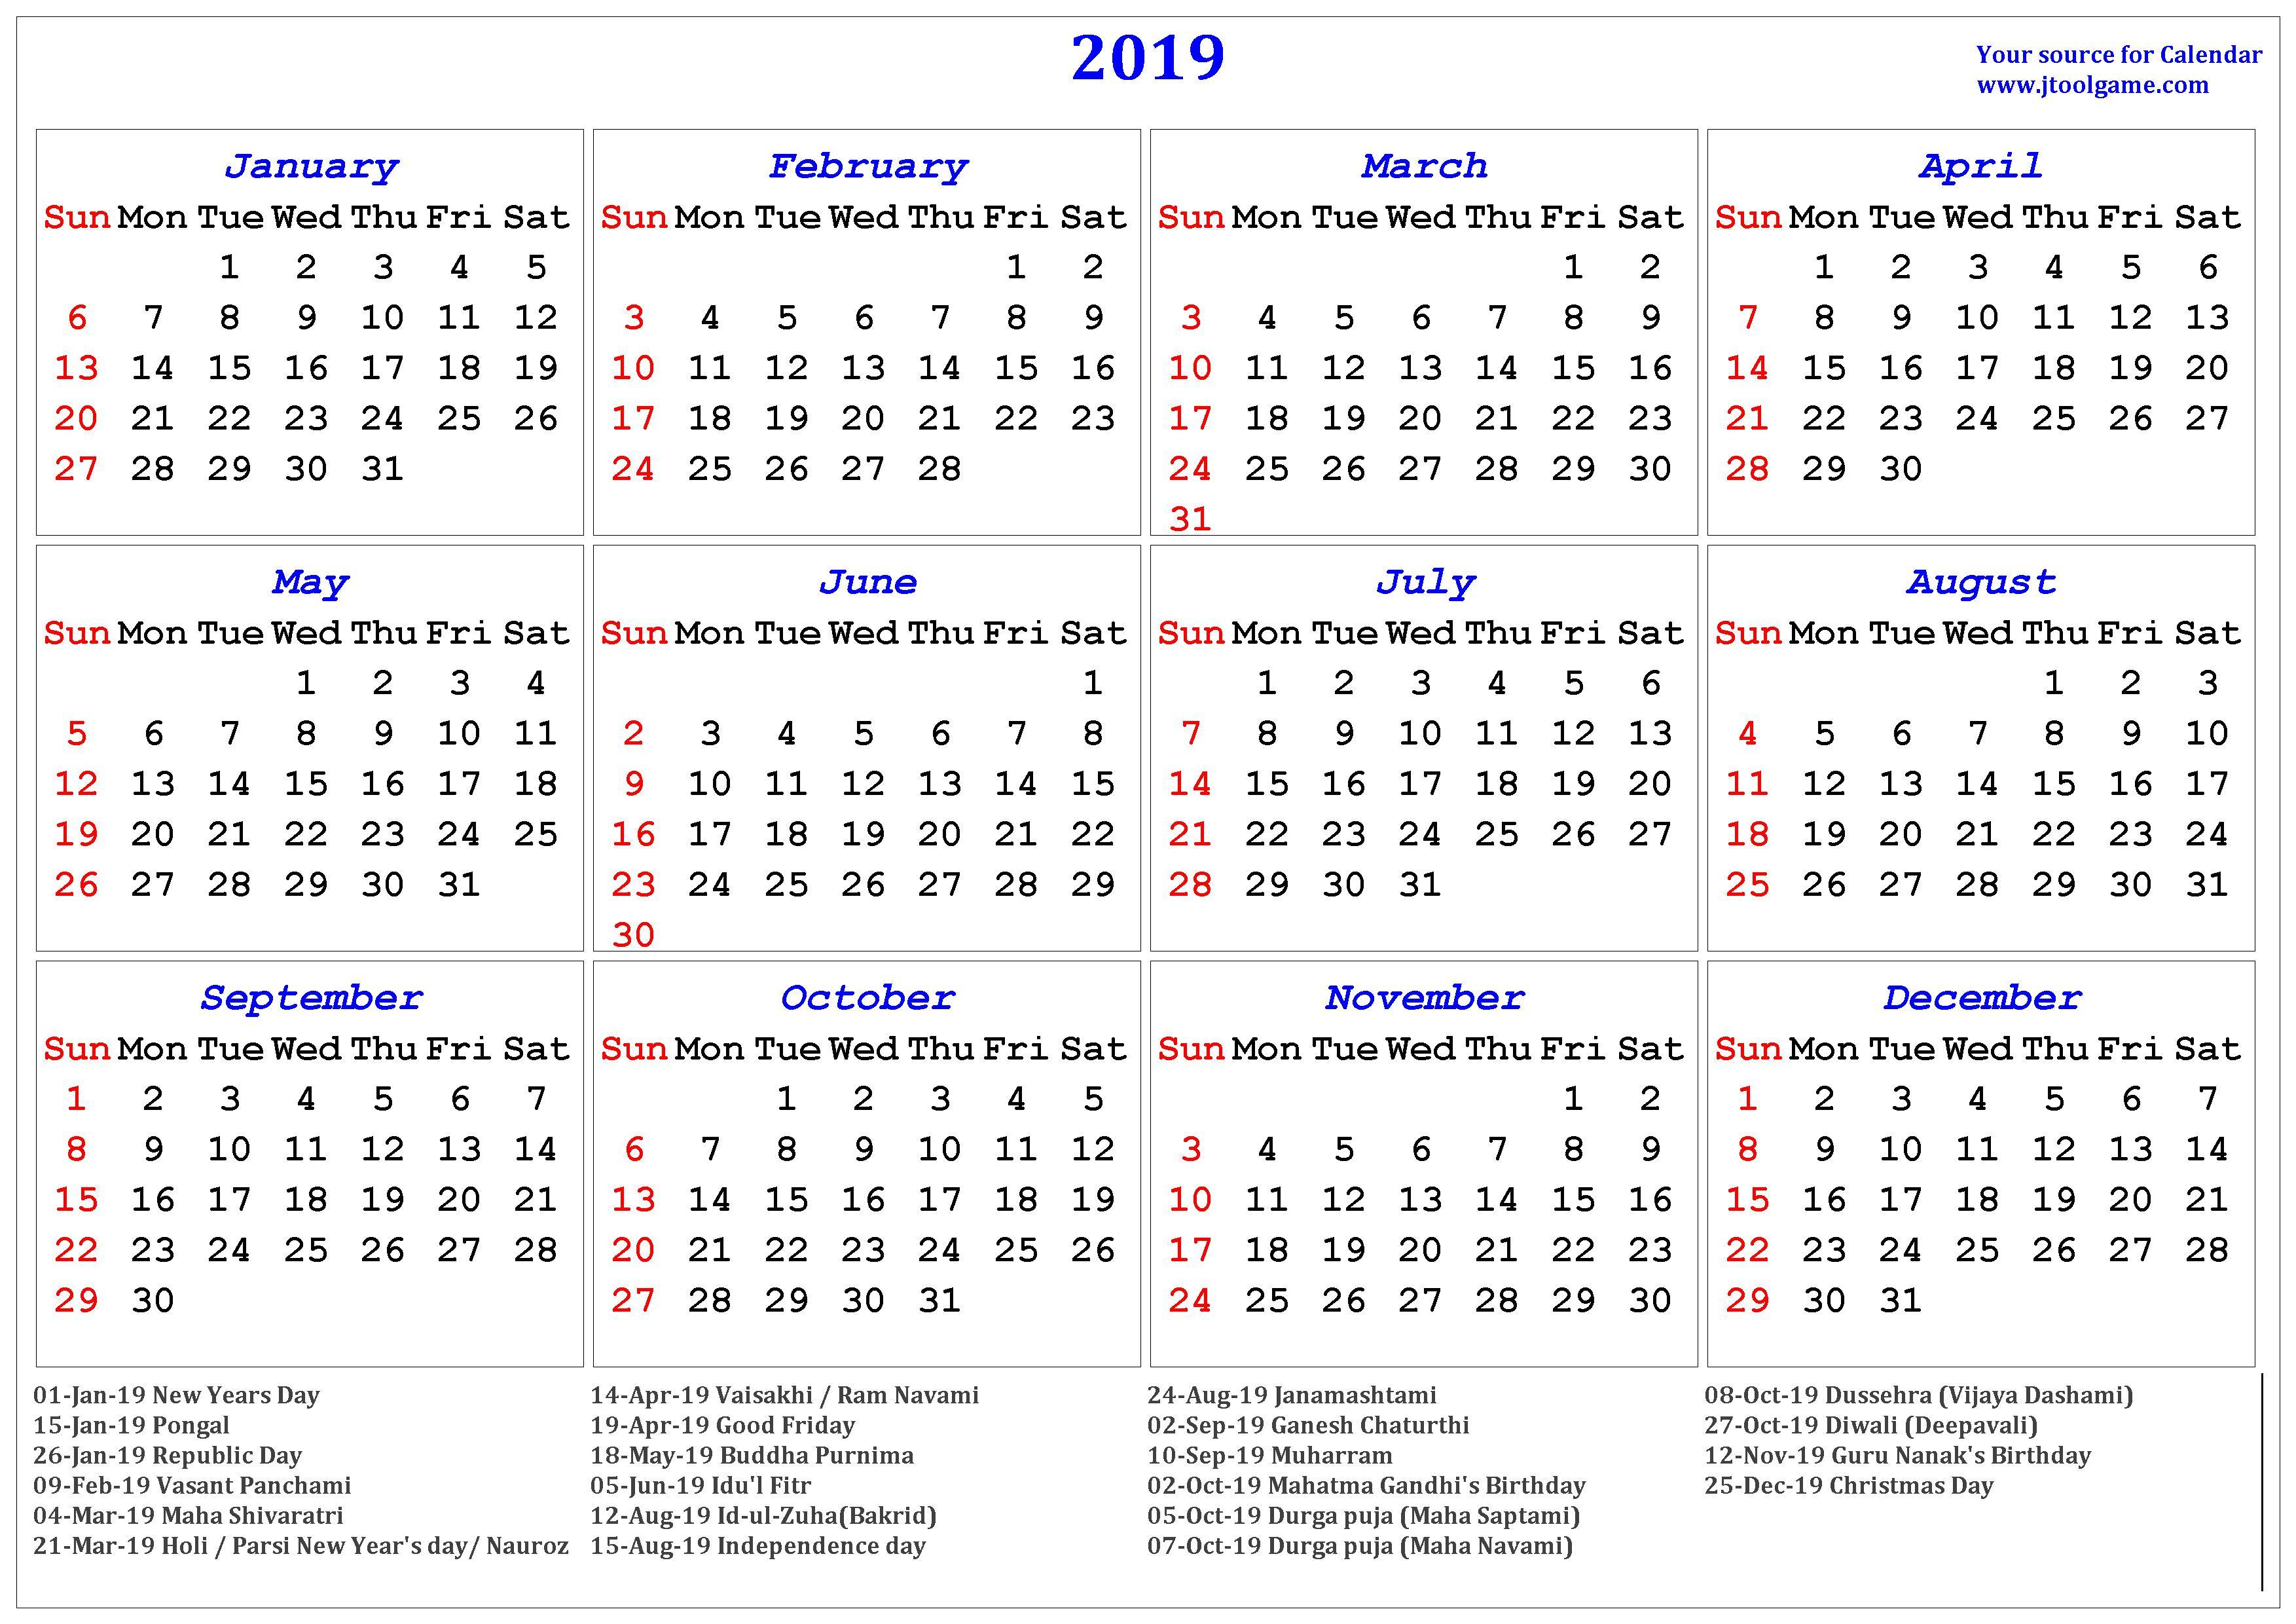 Indian Holidays Calendar 2019